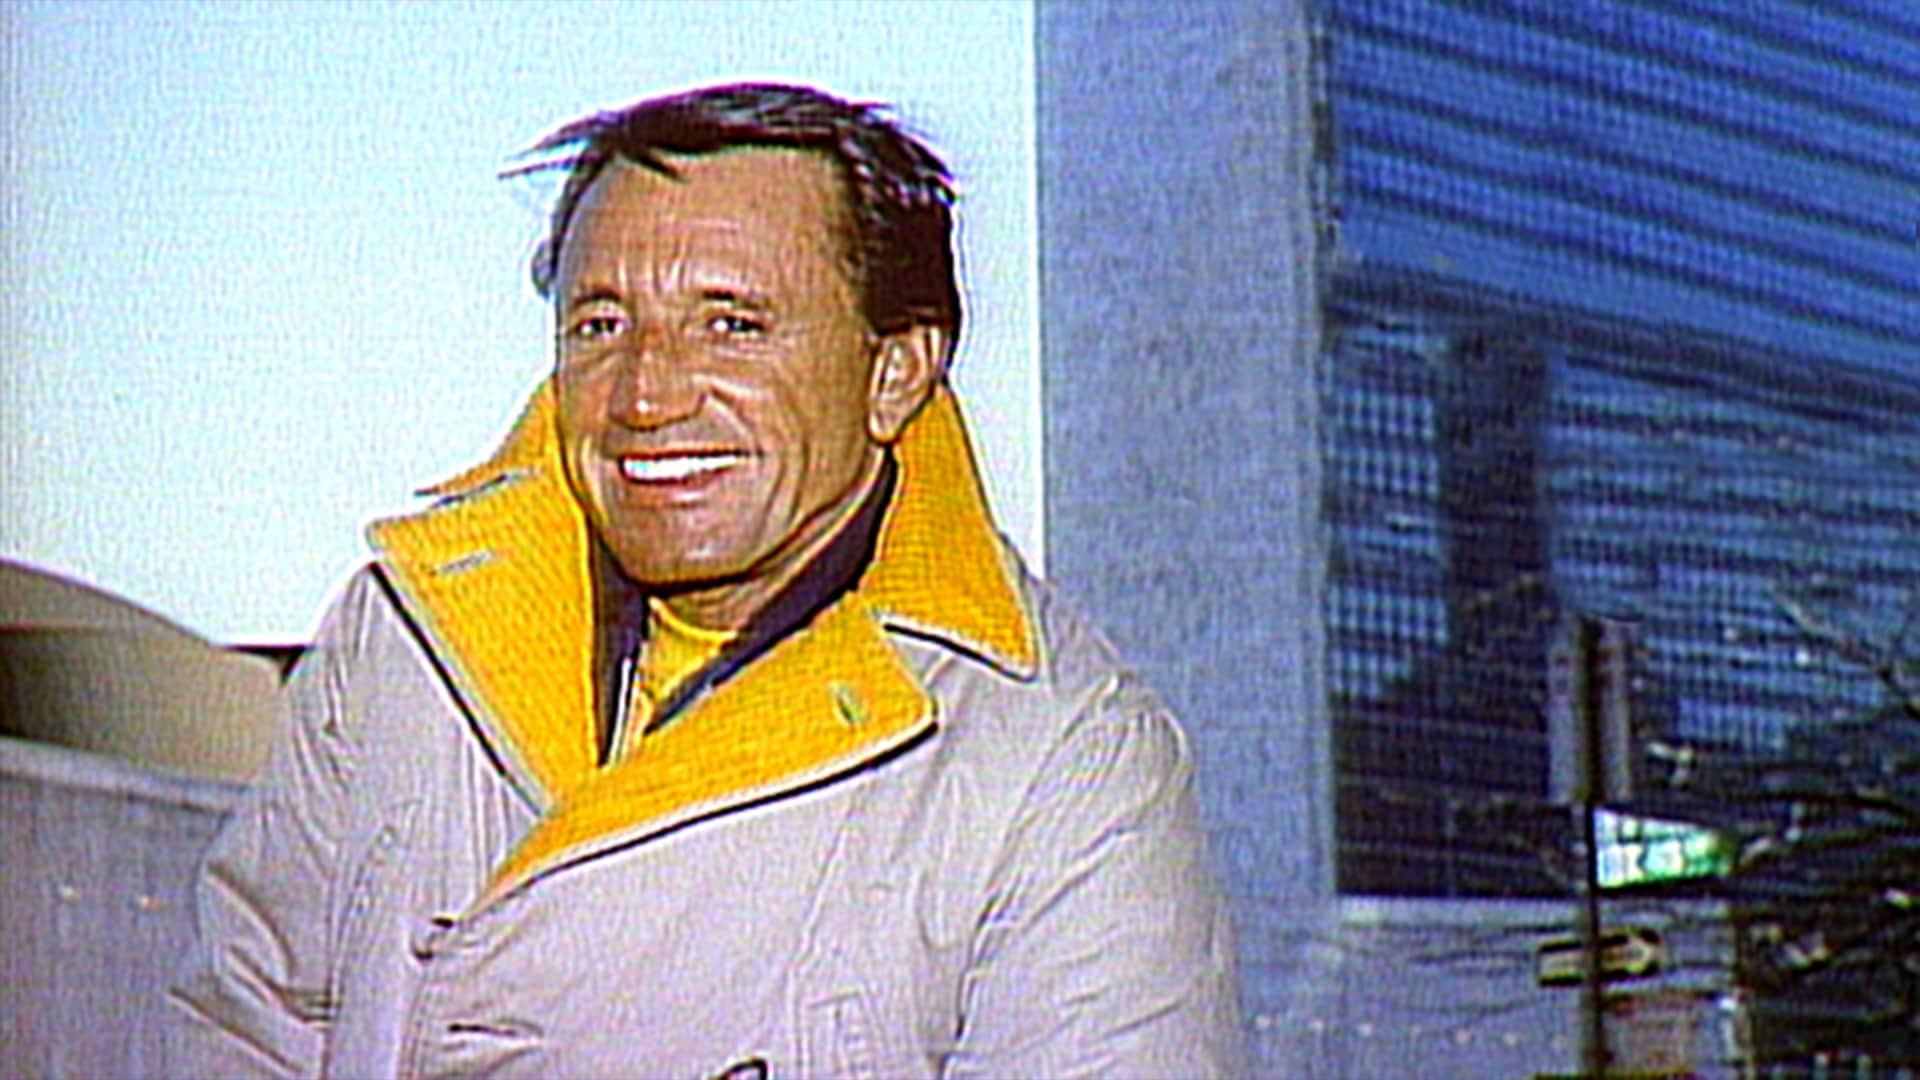 Roy Scheider: January 19, 1985